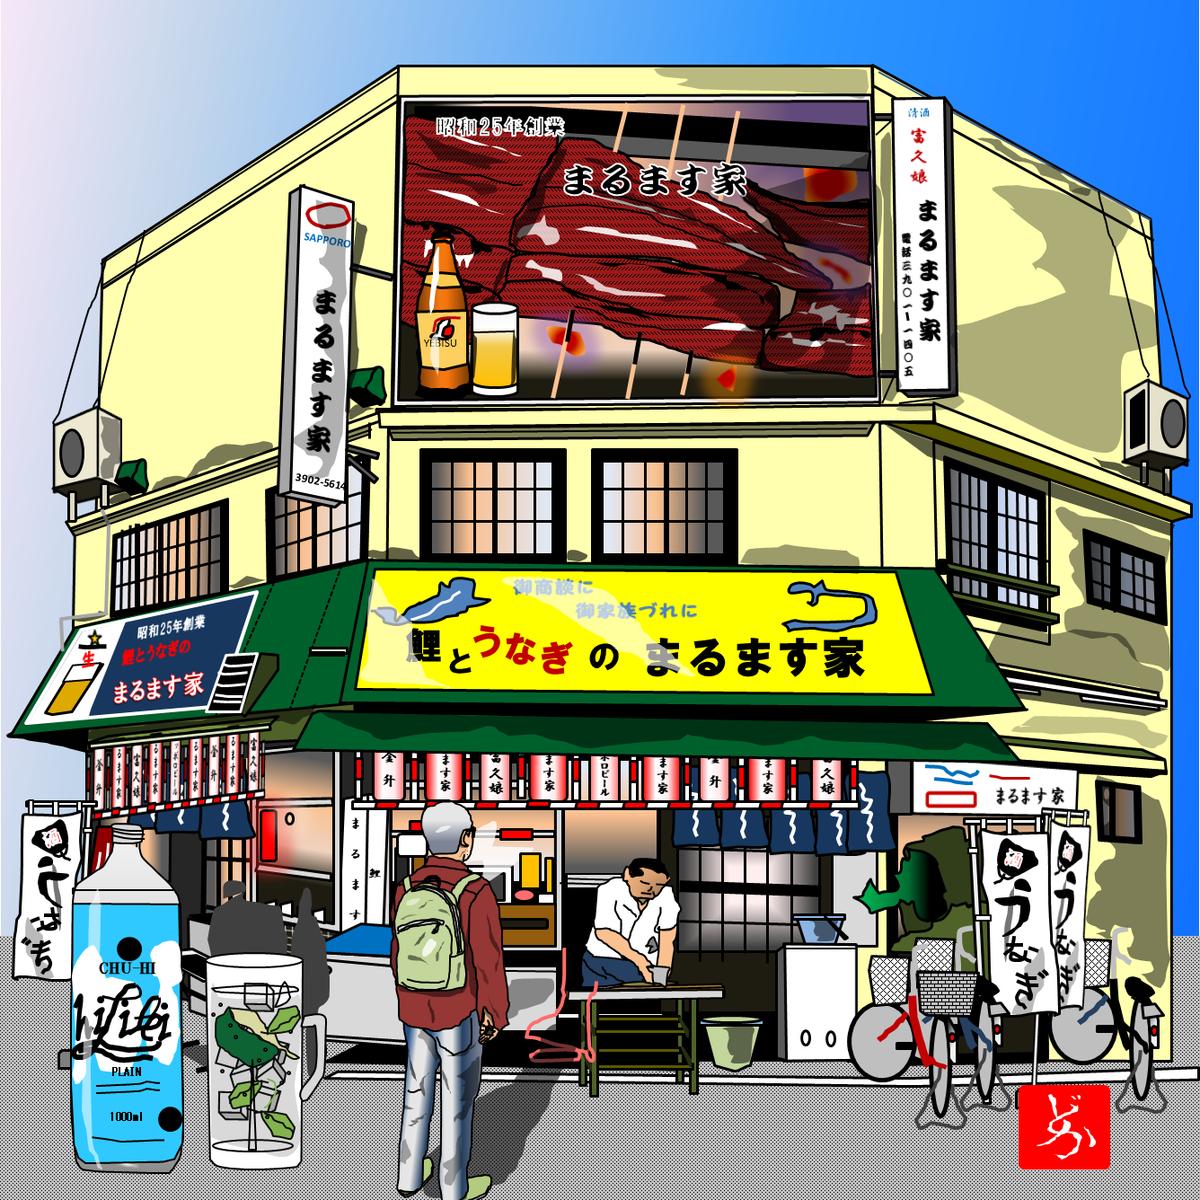 赤羽の居酒屋「まるます家総本店」のエクセル画